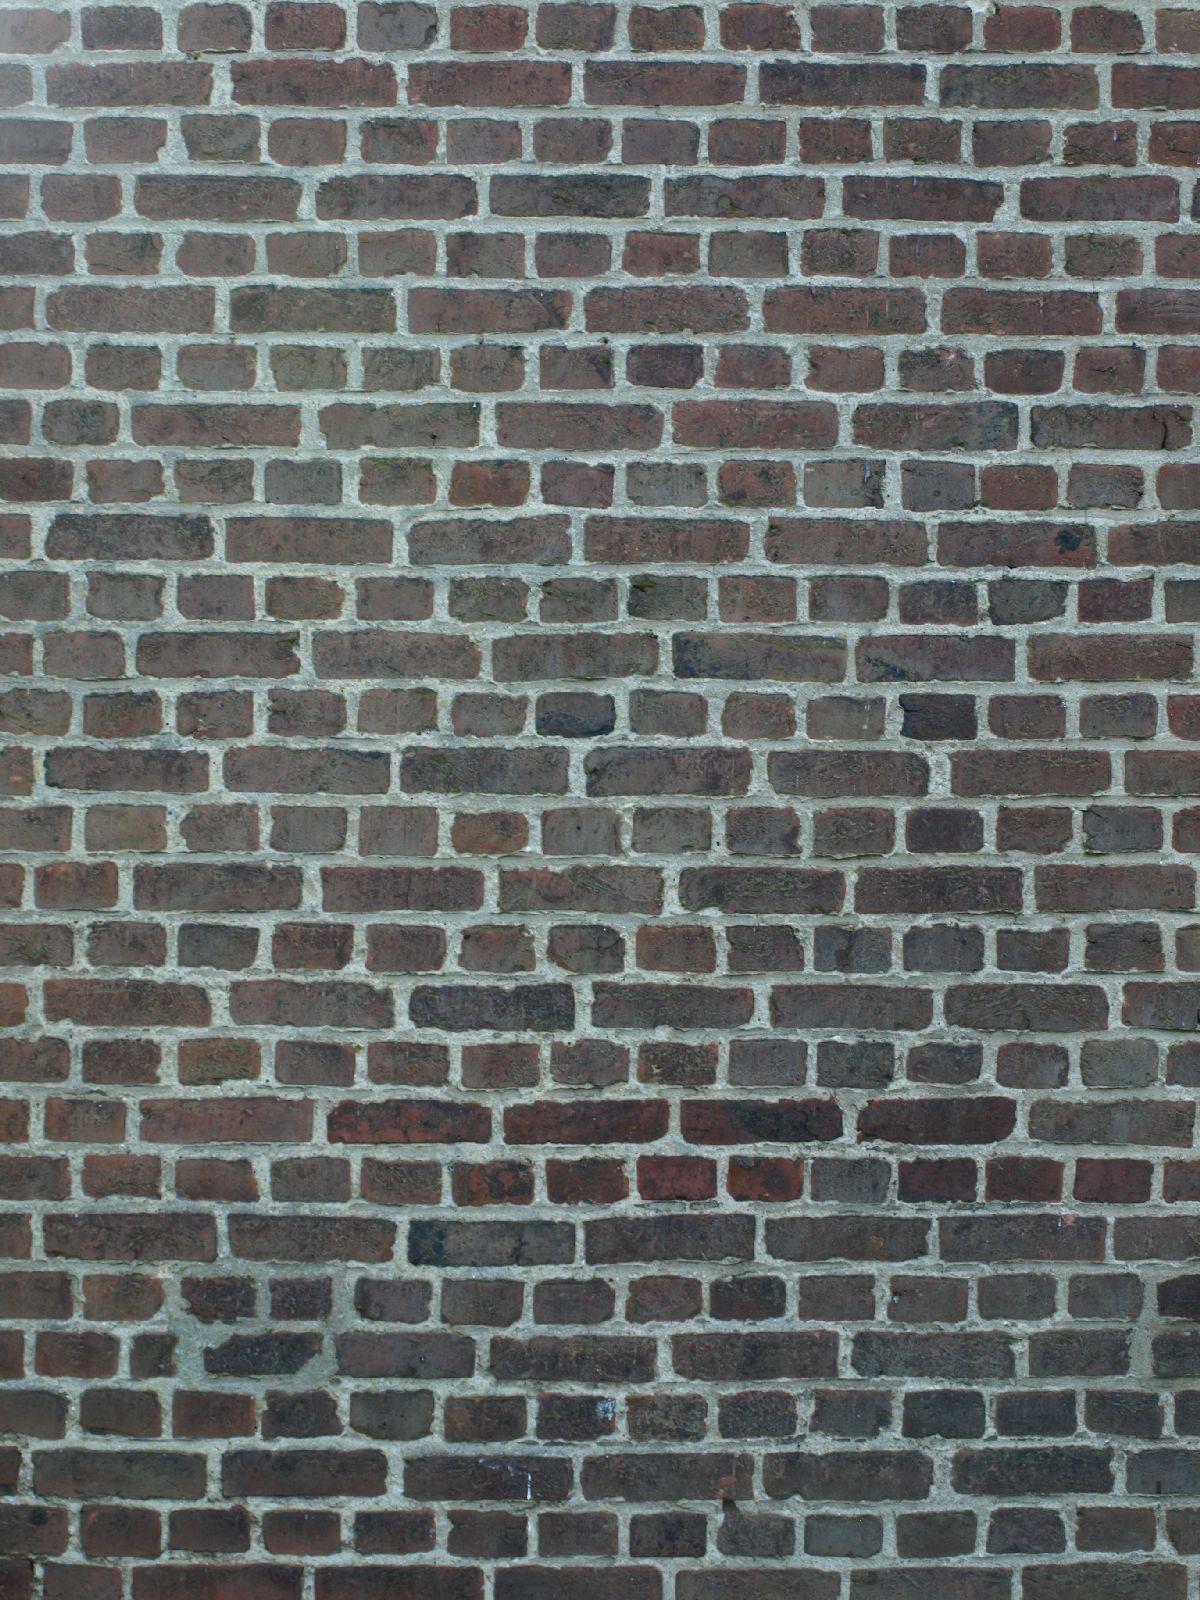 Brick_Texture_A_P8309452